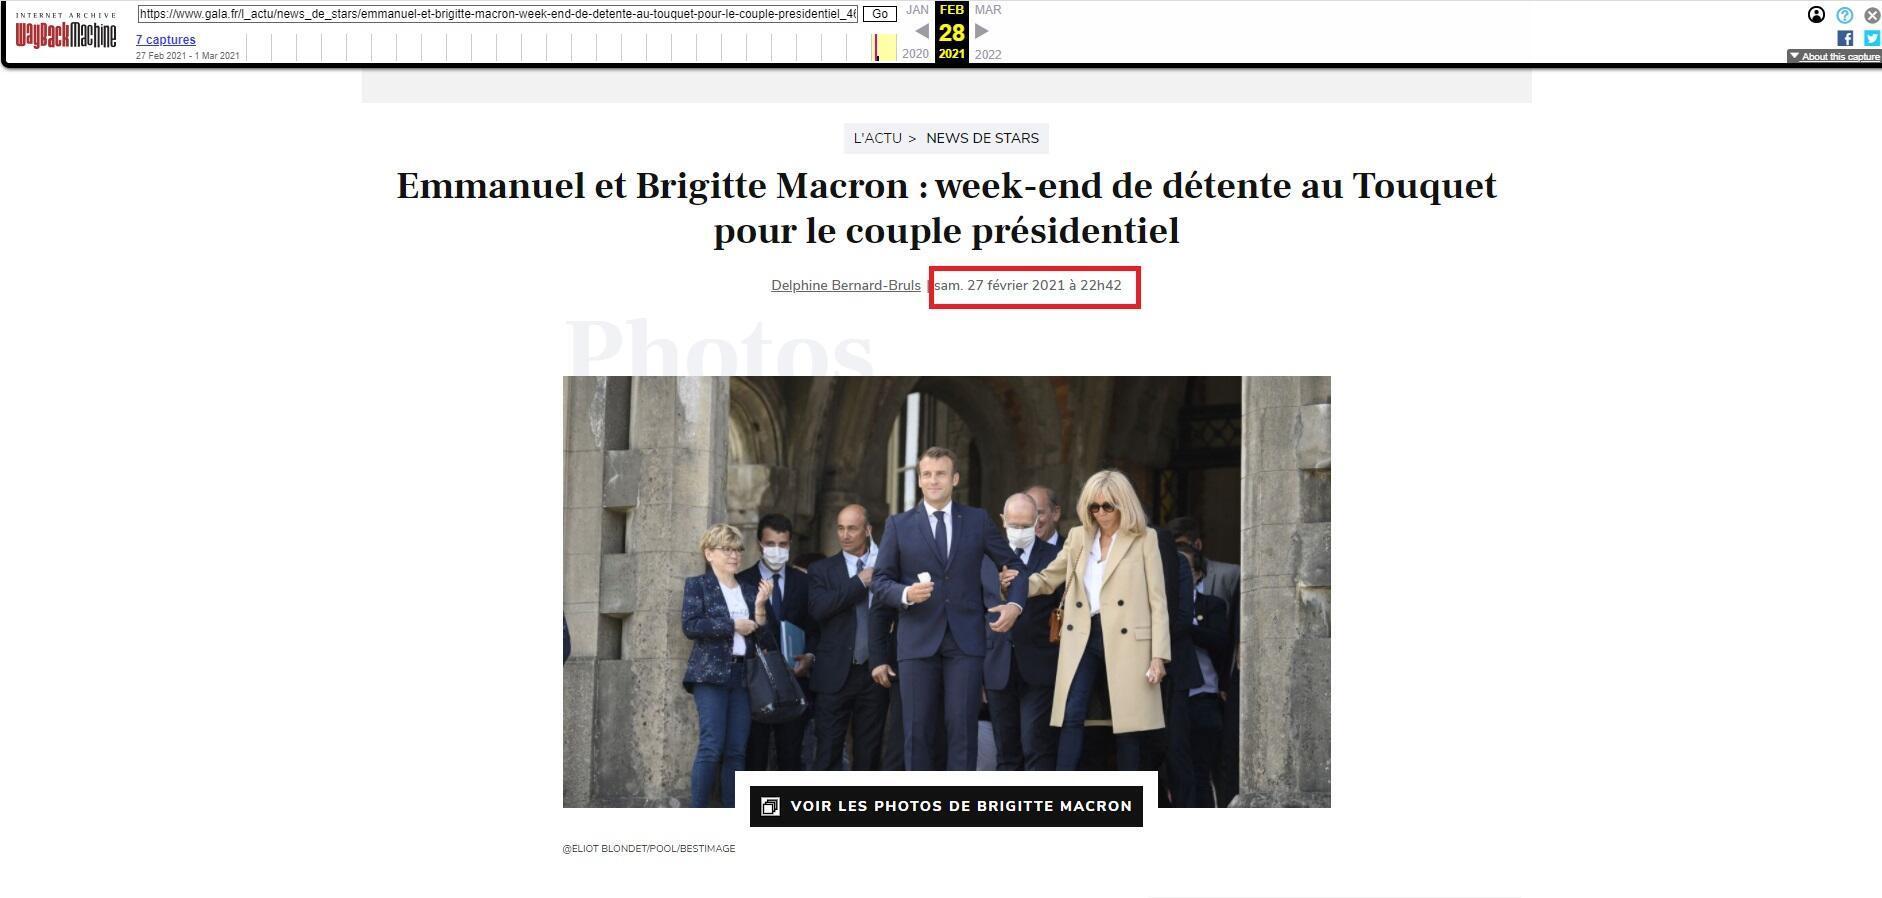 Grâce à la WaybackMachine, on constate que la première photo utilisée pour illustrer la visite du couple Macron au Touquet le week end du 27 février était une photo datant de juin 2020.